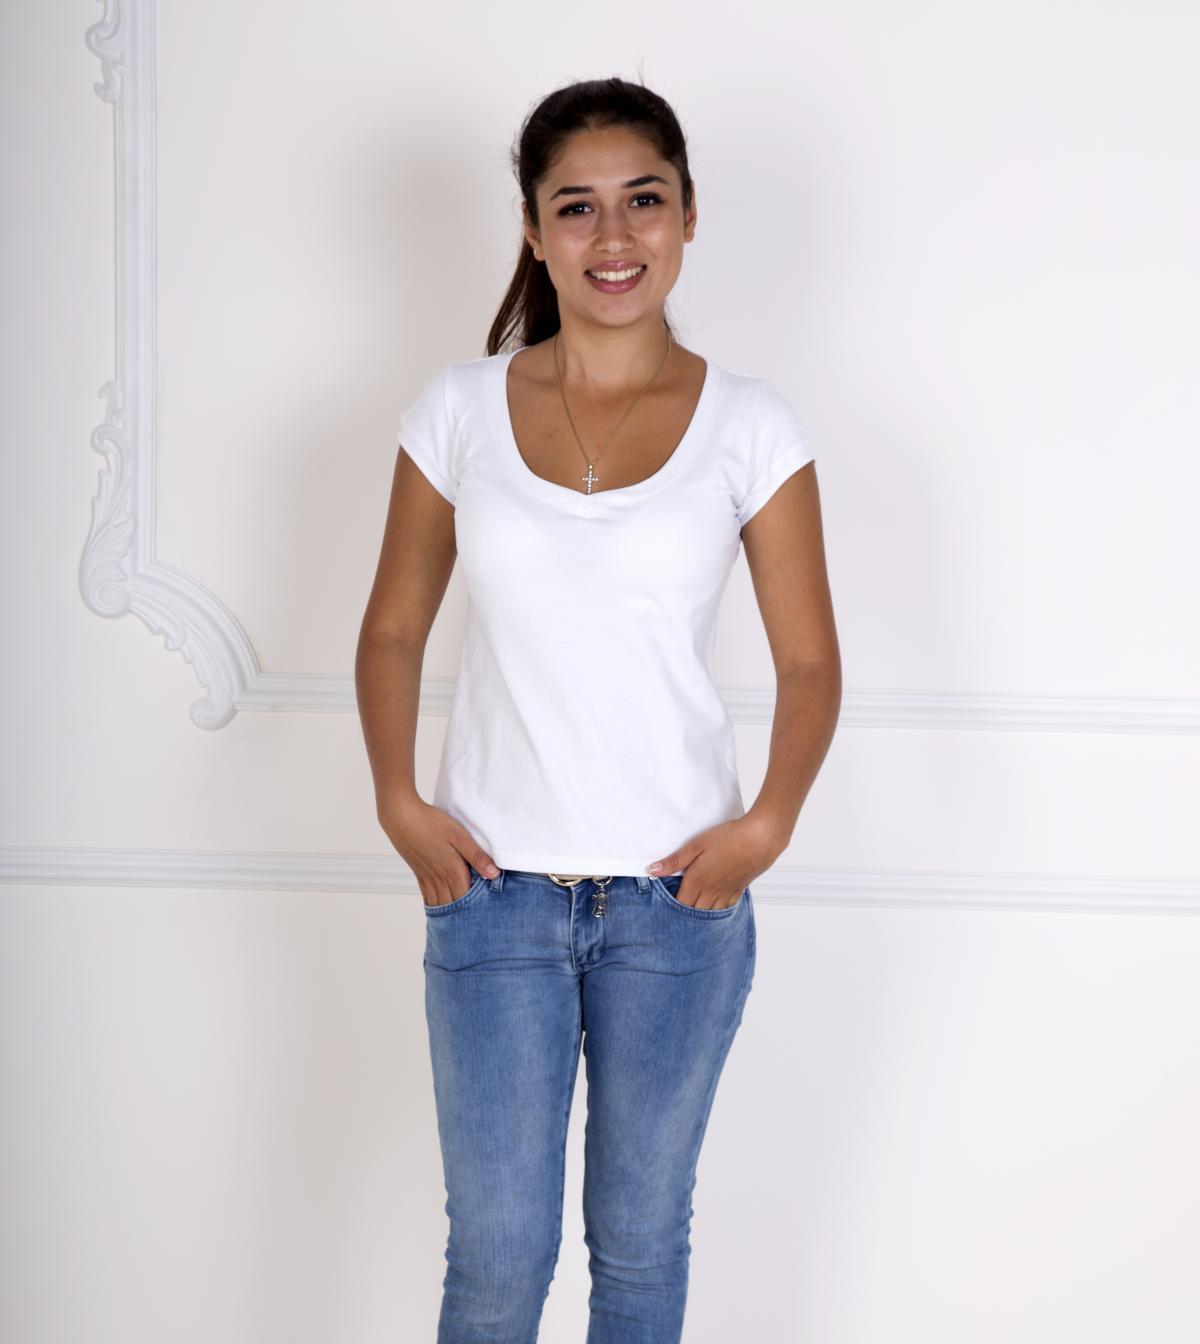 Жен. футболка Лиза Белый р. 54Майки и футболки<br>Факт. ОГ: 96 см <br>Факт. ОТ: 92 см <br>Факт. ОБ: 100 см <br>Длина по спинке: 63 см<br><br>Тип: Жен. футболка<br>Размер: 54<br>Материал: Фулайкра